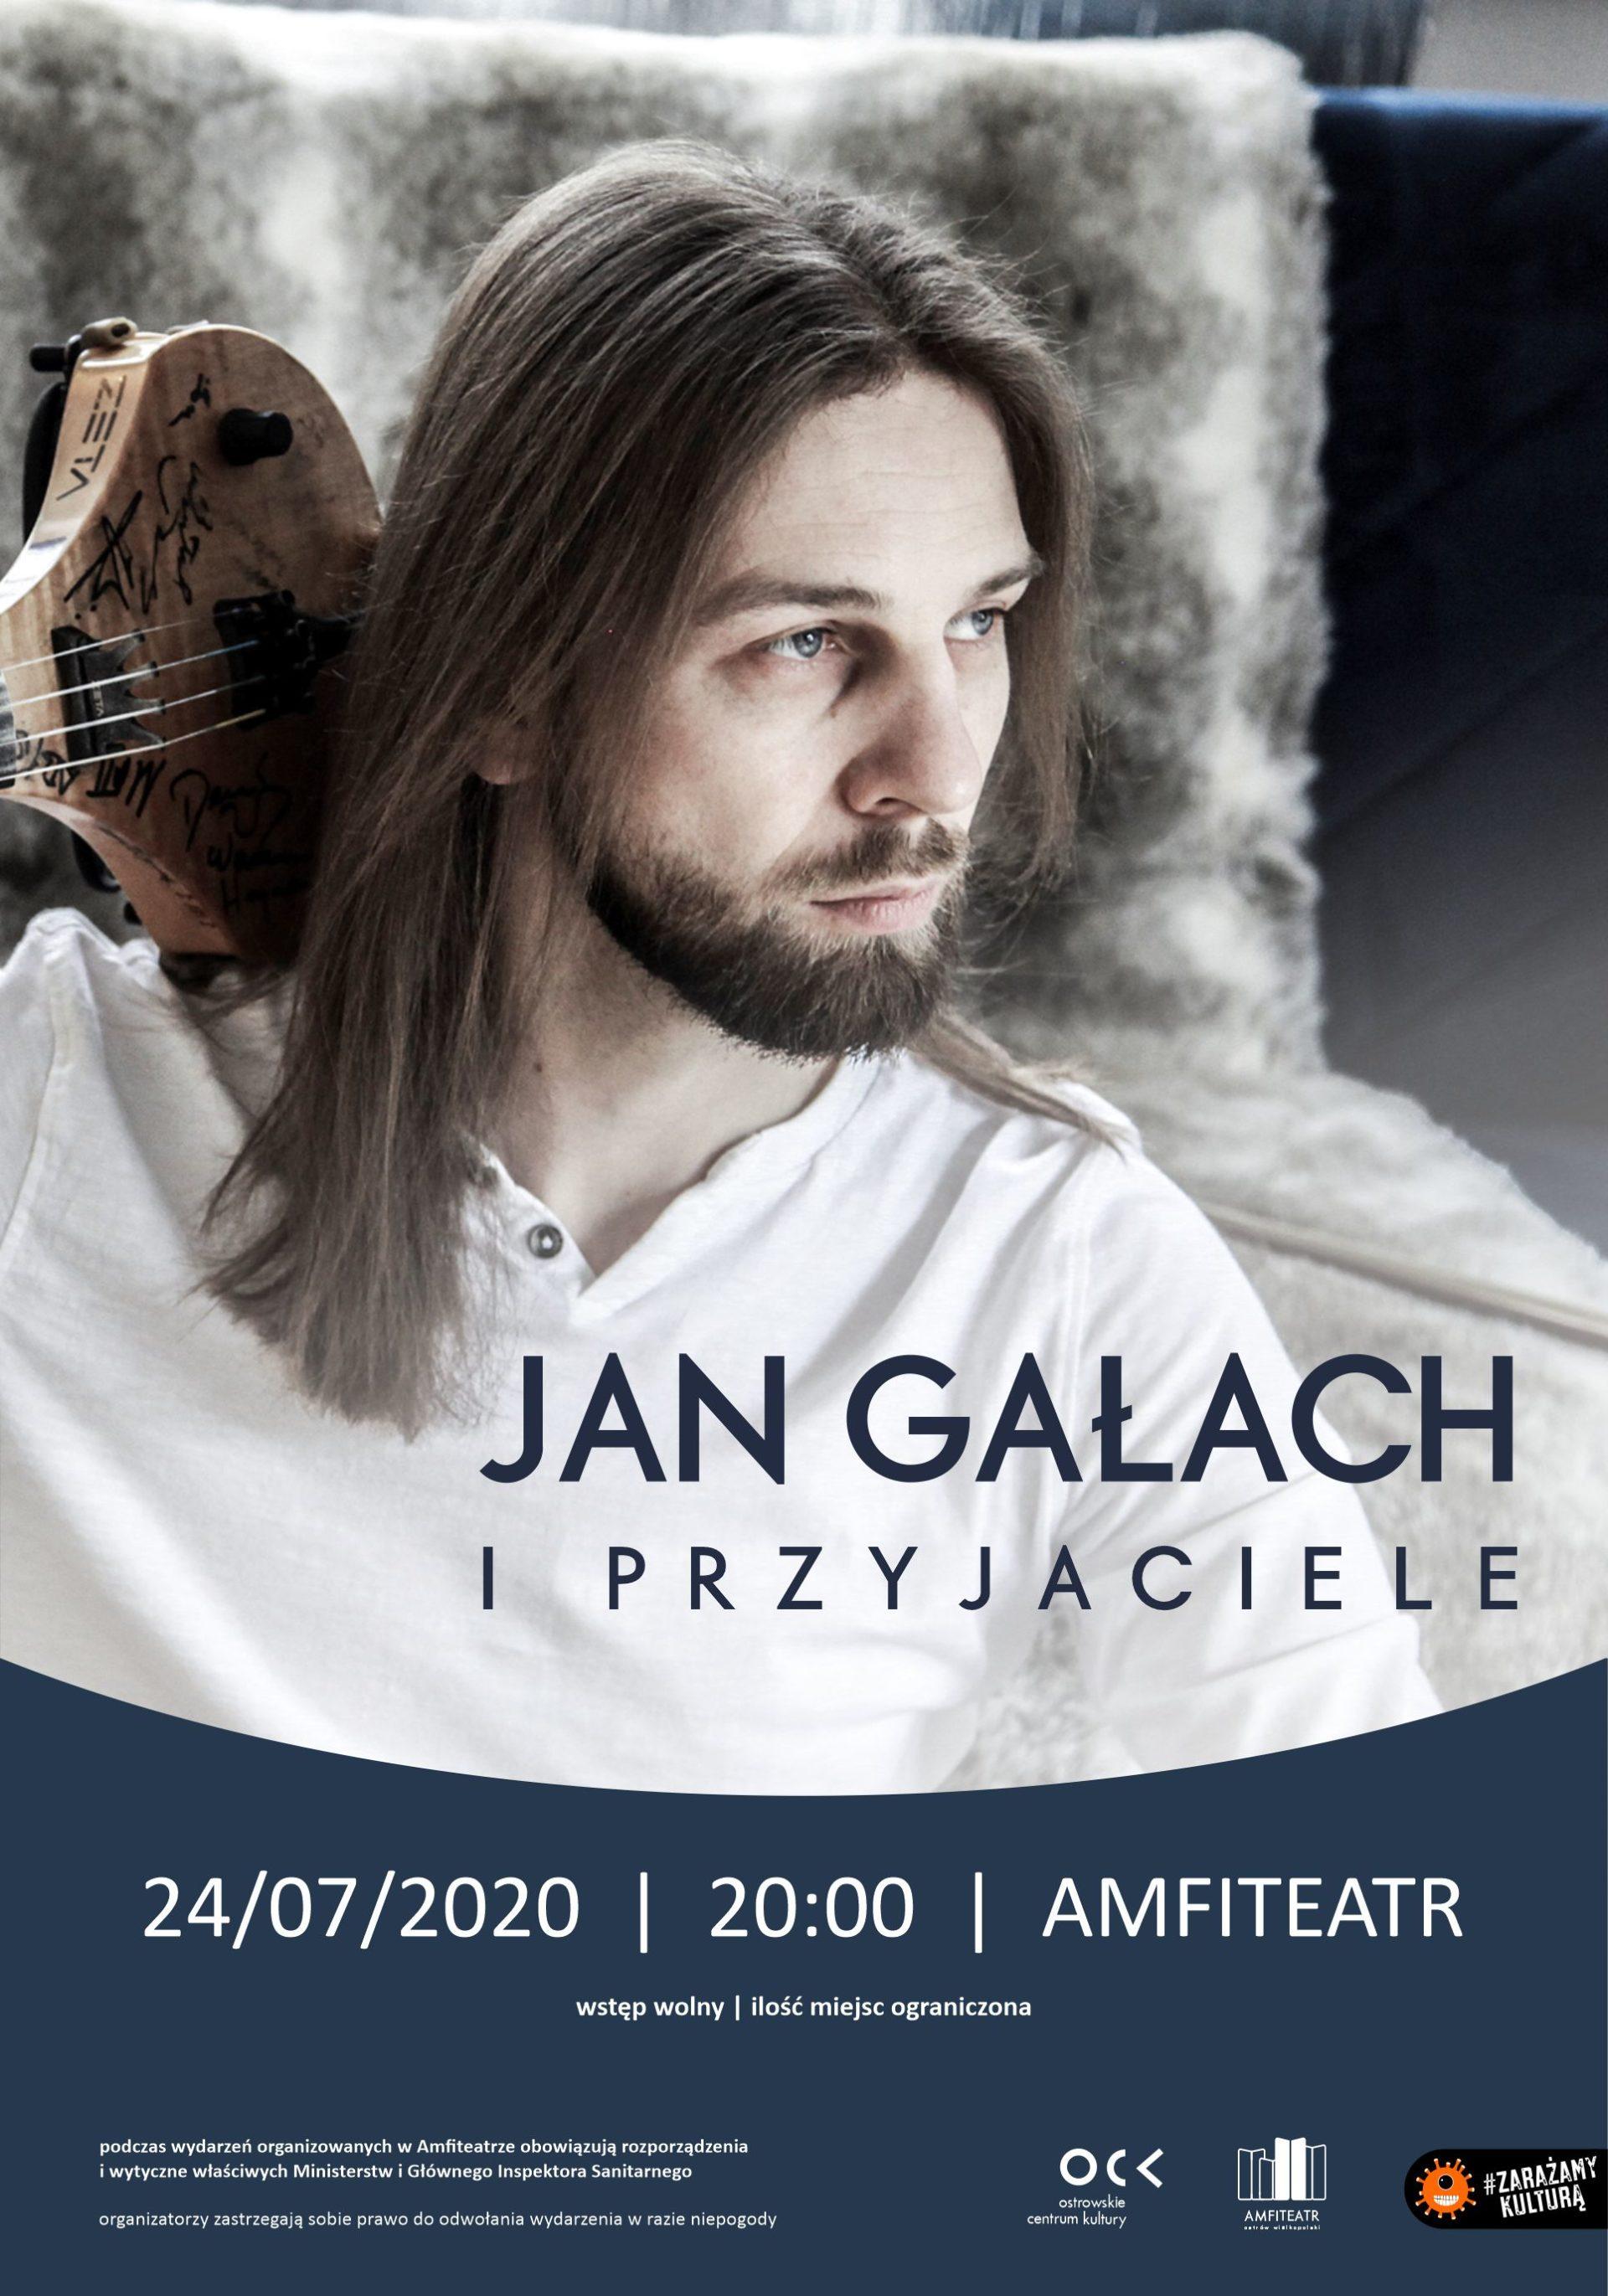 Jan Gałach i Przyjaciele